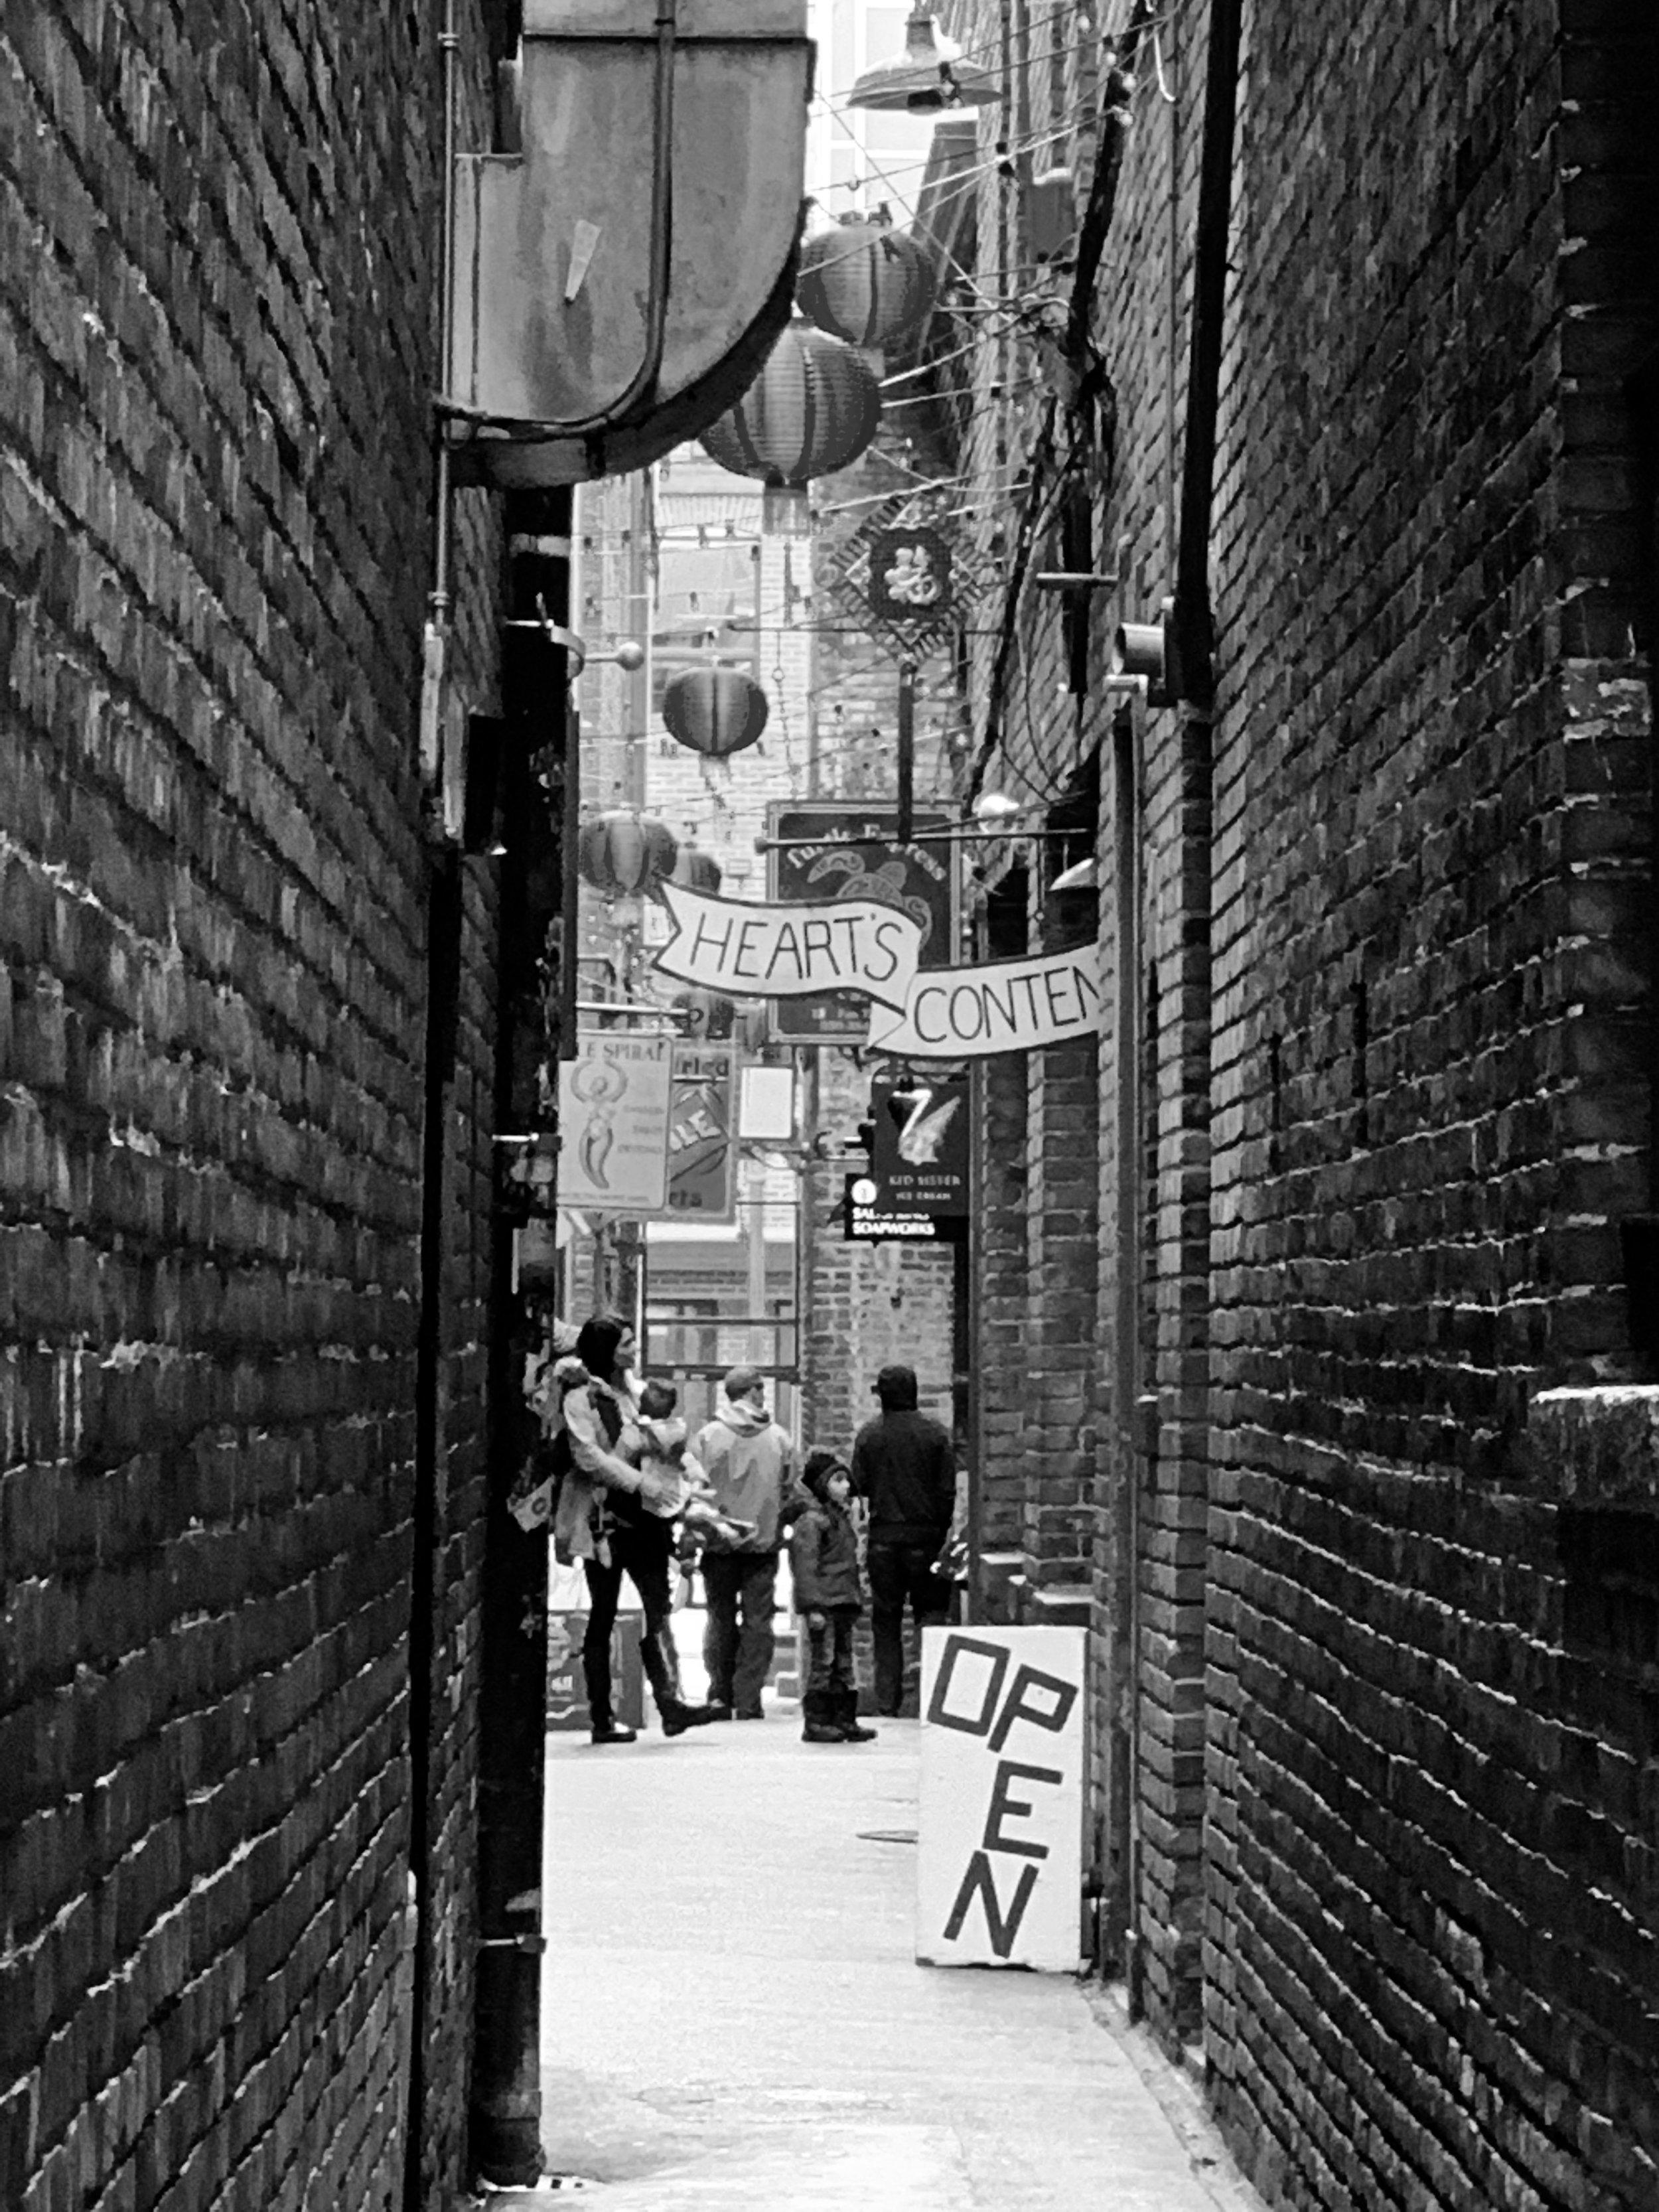 Fan Tan Alley, Chinatown, Victoria, BC